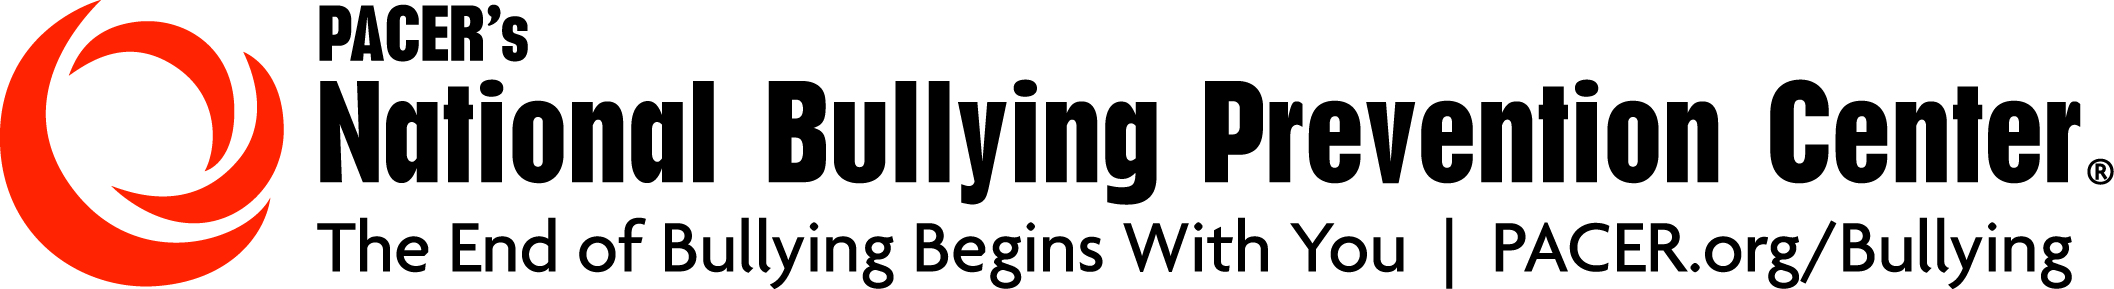 PACER National Bullying Prevention Center